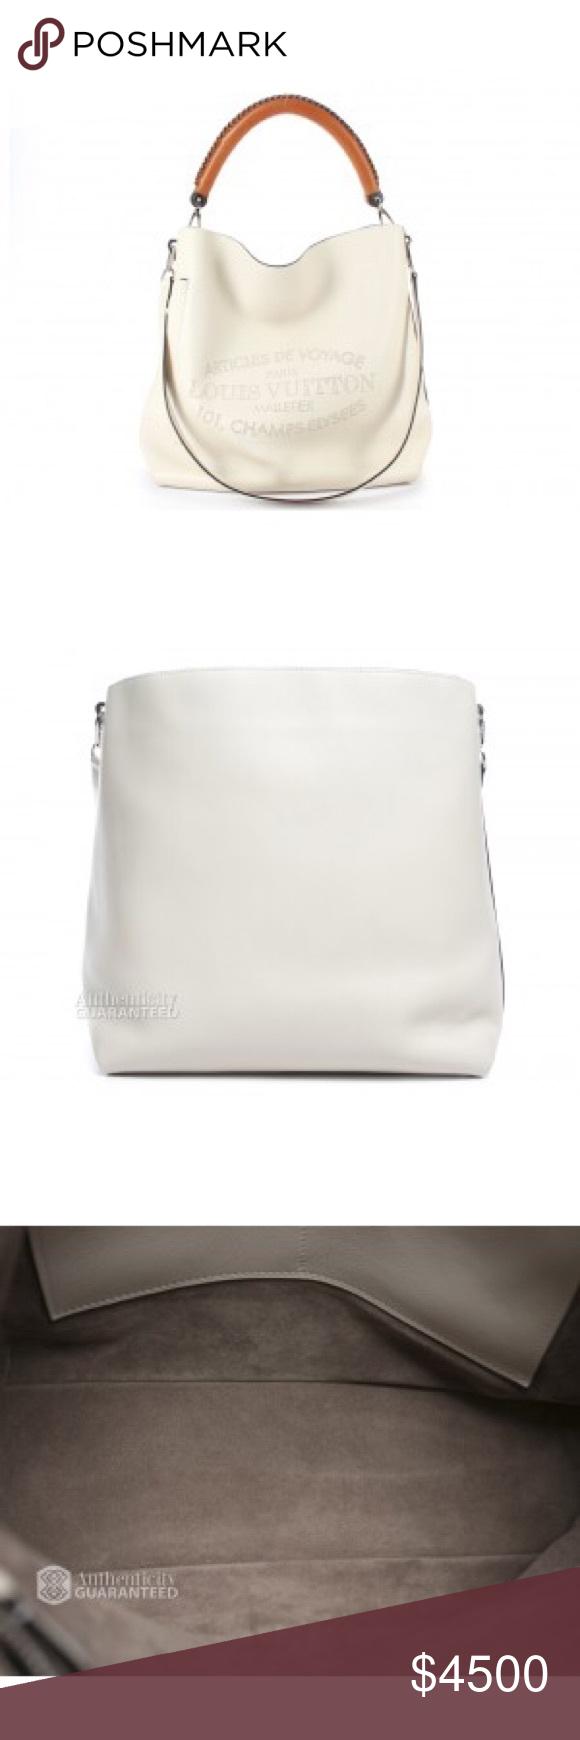 345fc2da60a1 Louis Vuitton Blanc Ivory Bagatelle Hobo Bag Blanc Leather